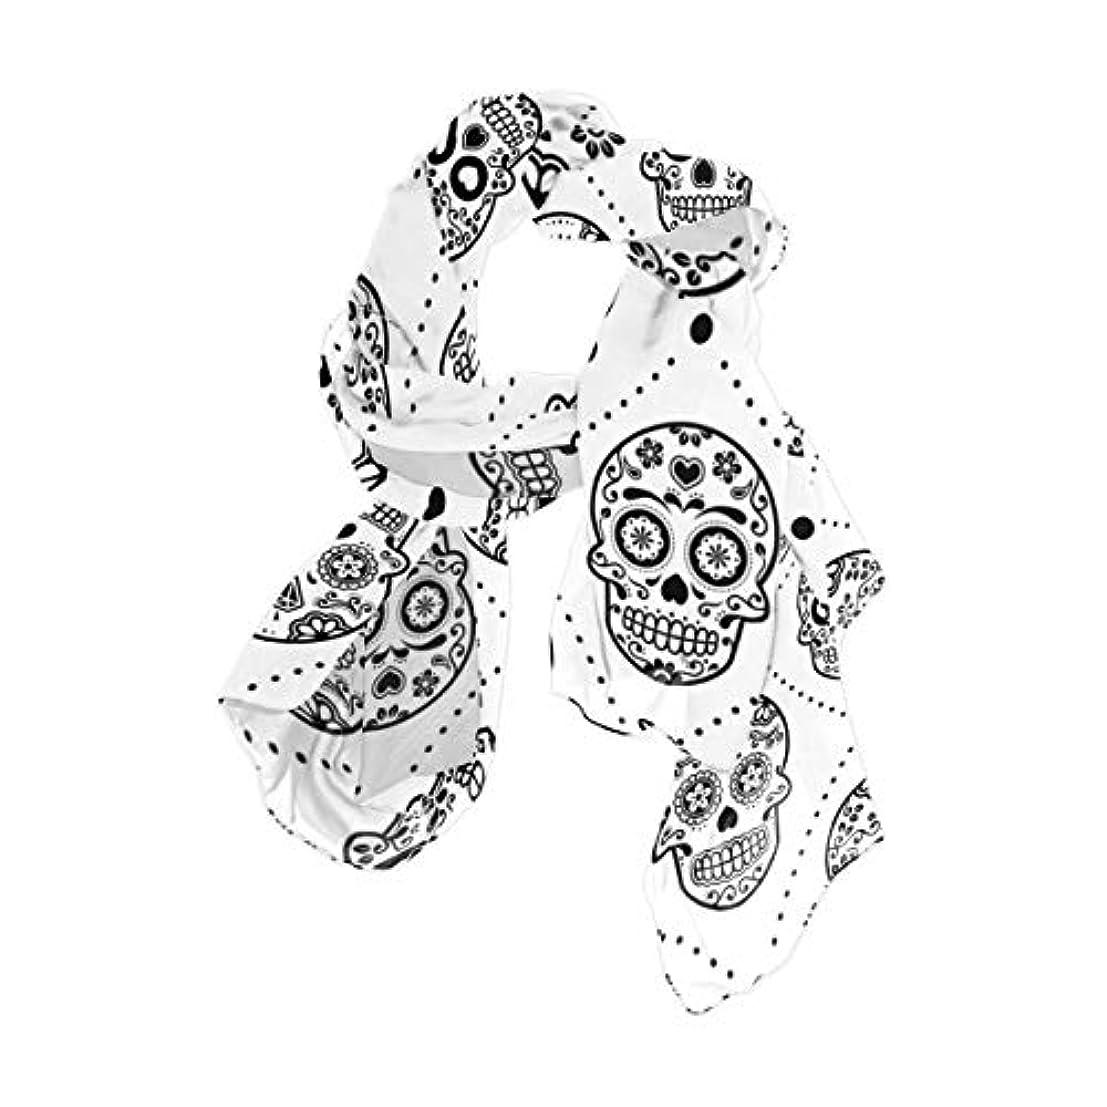 トレーニング泥棒参加するユサキ(USAKI) スカーフ レディース 大判 チェック柄 スカル 髑髏 ストール 春夏秋冬 UVカット 冷房対策 シルク 肌触り ショール パーティー 90×180cm